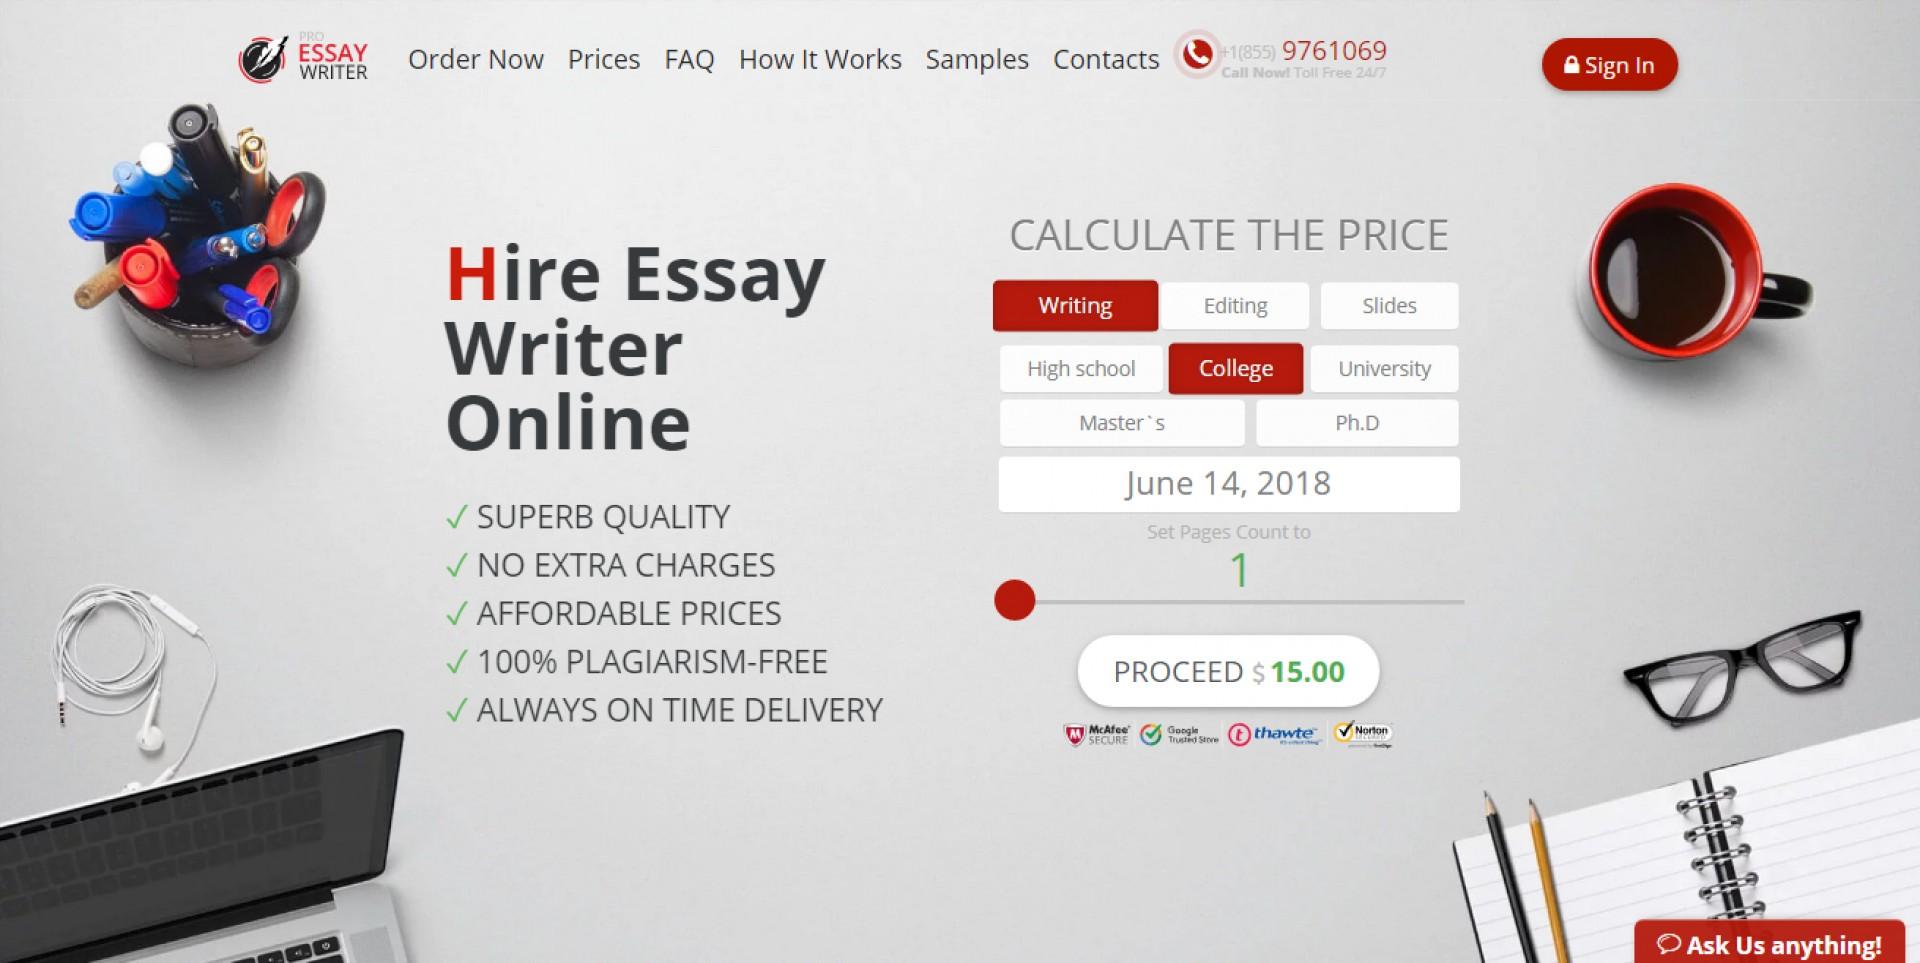 014 Essay Writer Com Example Pro Outstanding My Writer.com Writing Reviews Comparative 1920